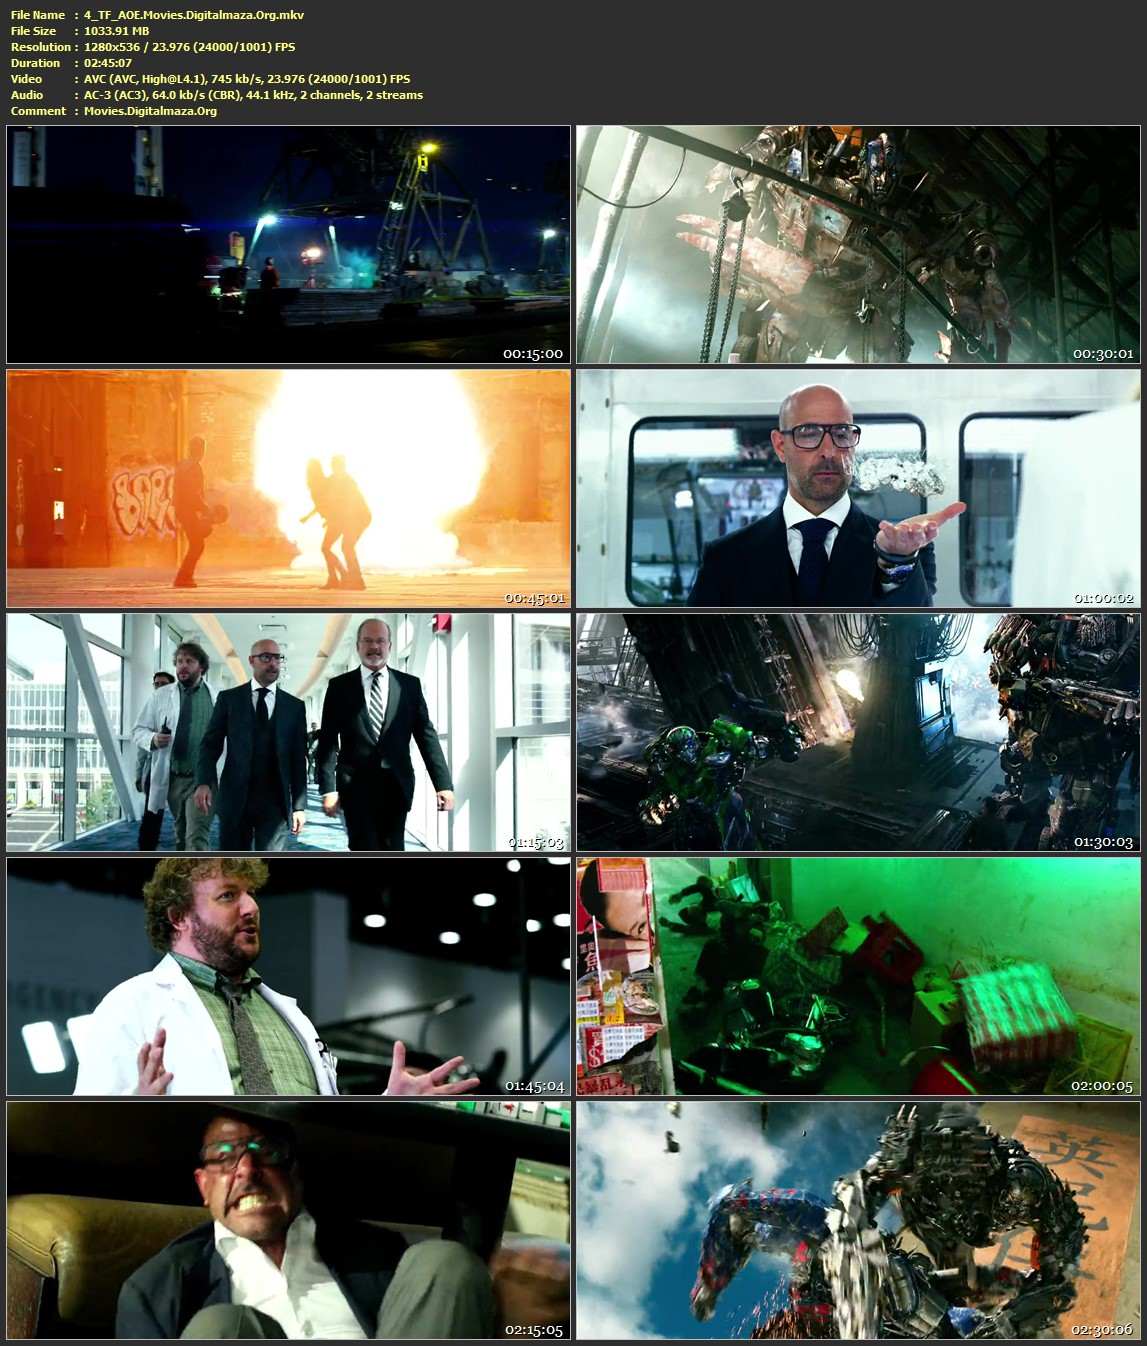 https://image.ibb.co/njaA0x/4_TF_AOE_Movies_Digitalmaza_Org_mkv.jpg